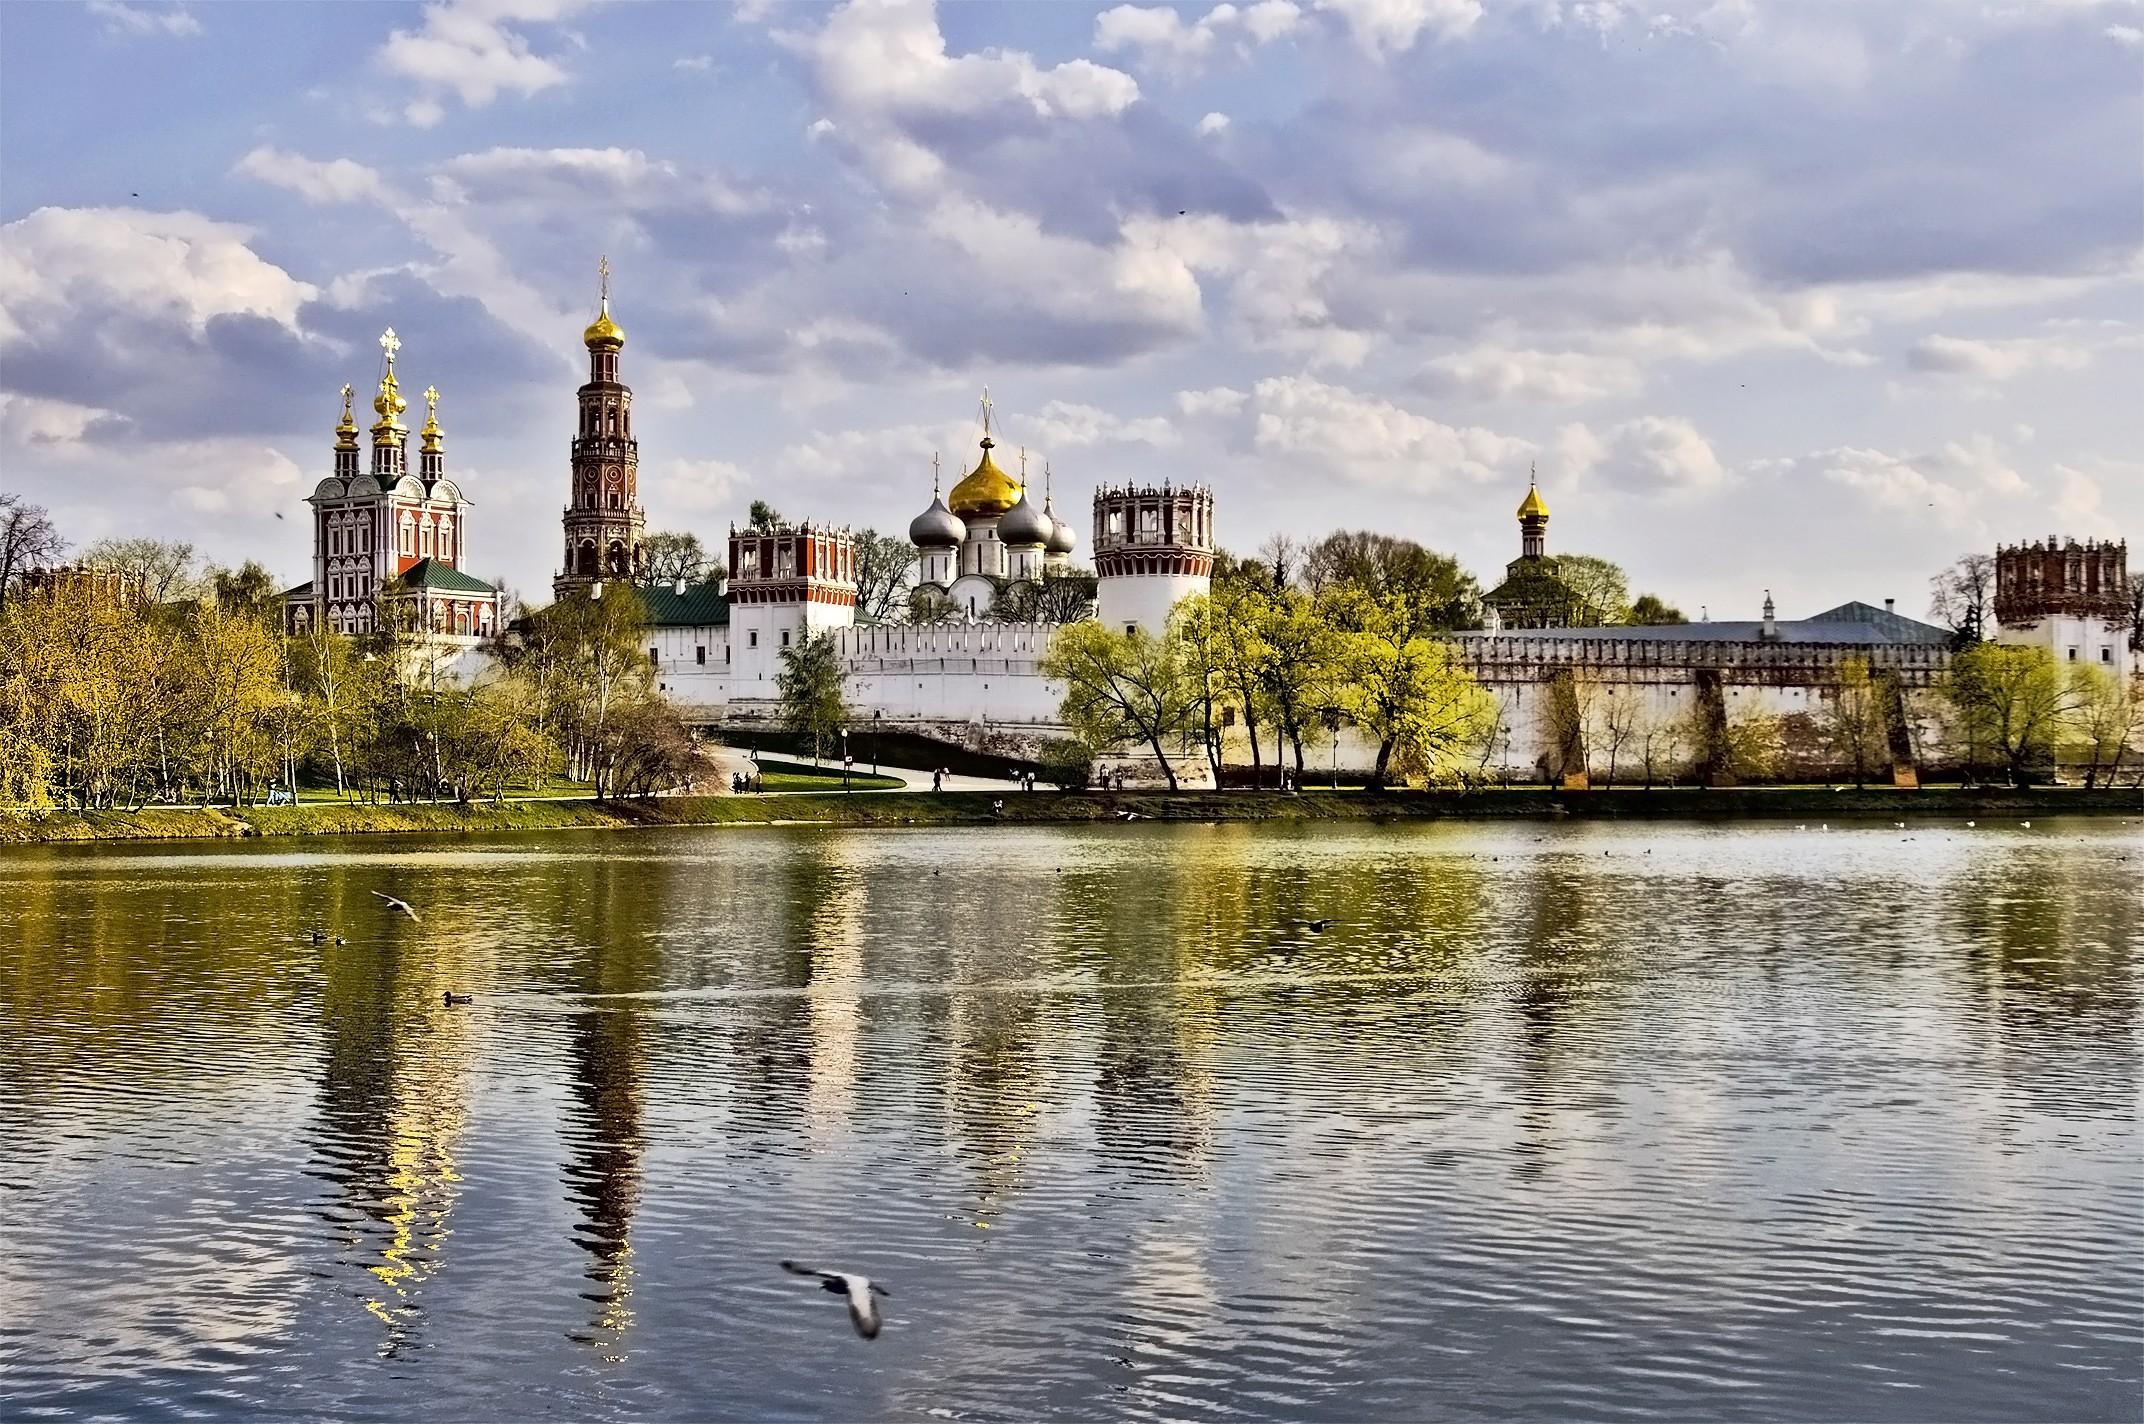 Тайны Москвы: мистические места столицы России